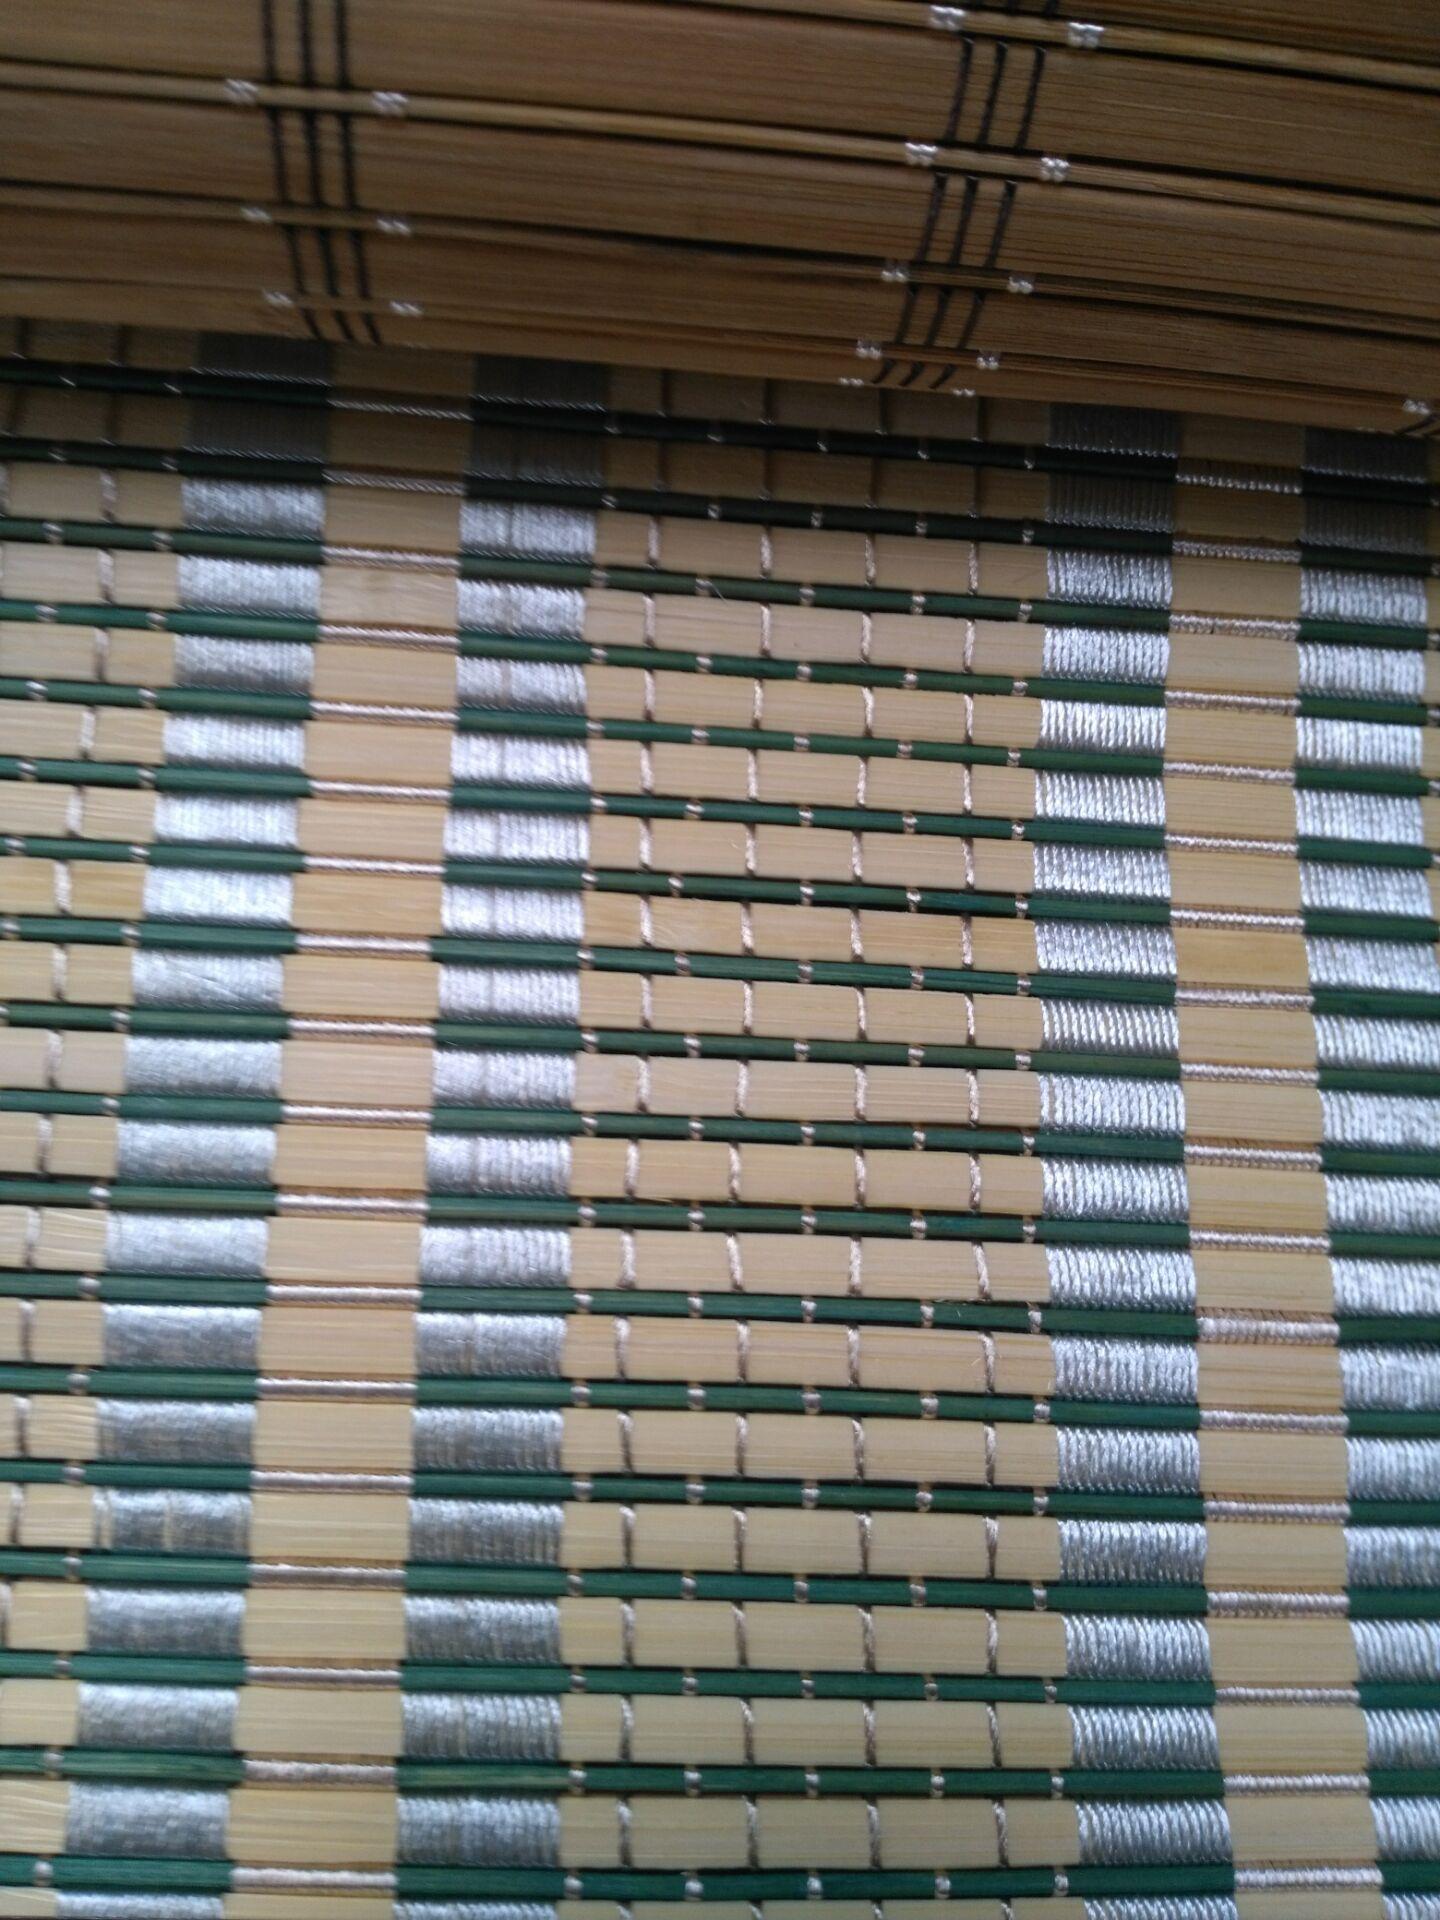 首先要搞清楚有多宽,1米5之内靠墙安装只需要3个固定点,先用钢卷尺量一下宽度再分中心,在中心处用笔做个记号、两边在滑轮外10厘米之内2个点做个记号,用手电钻打3点2的孔径小眼,然后把窗帘宽度在墙壁上做个记号,注意、向上20厘米之内,覆盖的要两边一样宽。然后和窗帘上面一样尺寸做上记号用冲击钻打眼,孔径要0点8的,放入塑料膨胀管再用5公分的自攻螺丝装上就可以了。嵌入式的和靠墙的安装是一个道理,尺寸准确相当重要。 1、简单挂钩试装法,就是在窗框或门框上面钉2个钉子,在床帘(门帘)顶部的实木横梁上拧上2个挂钩(